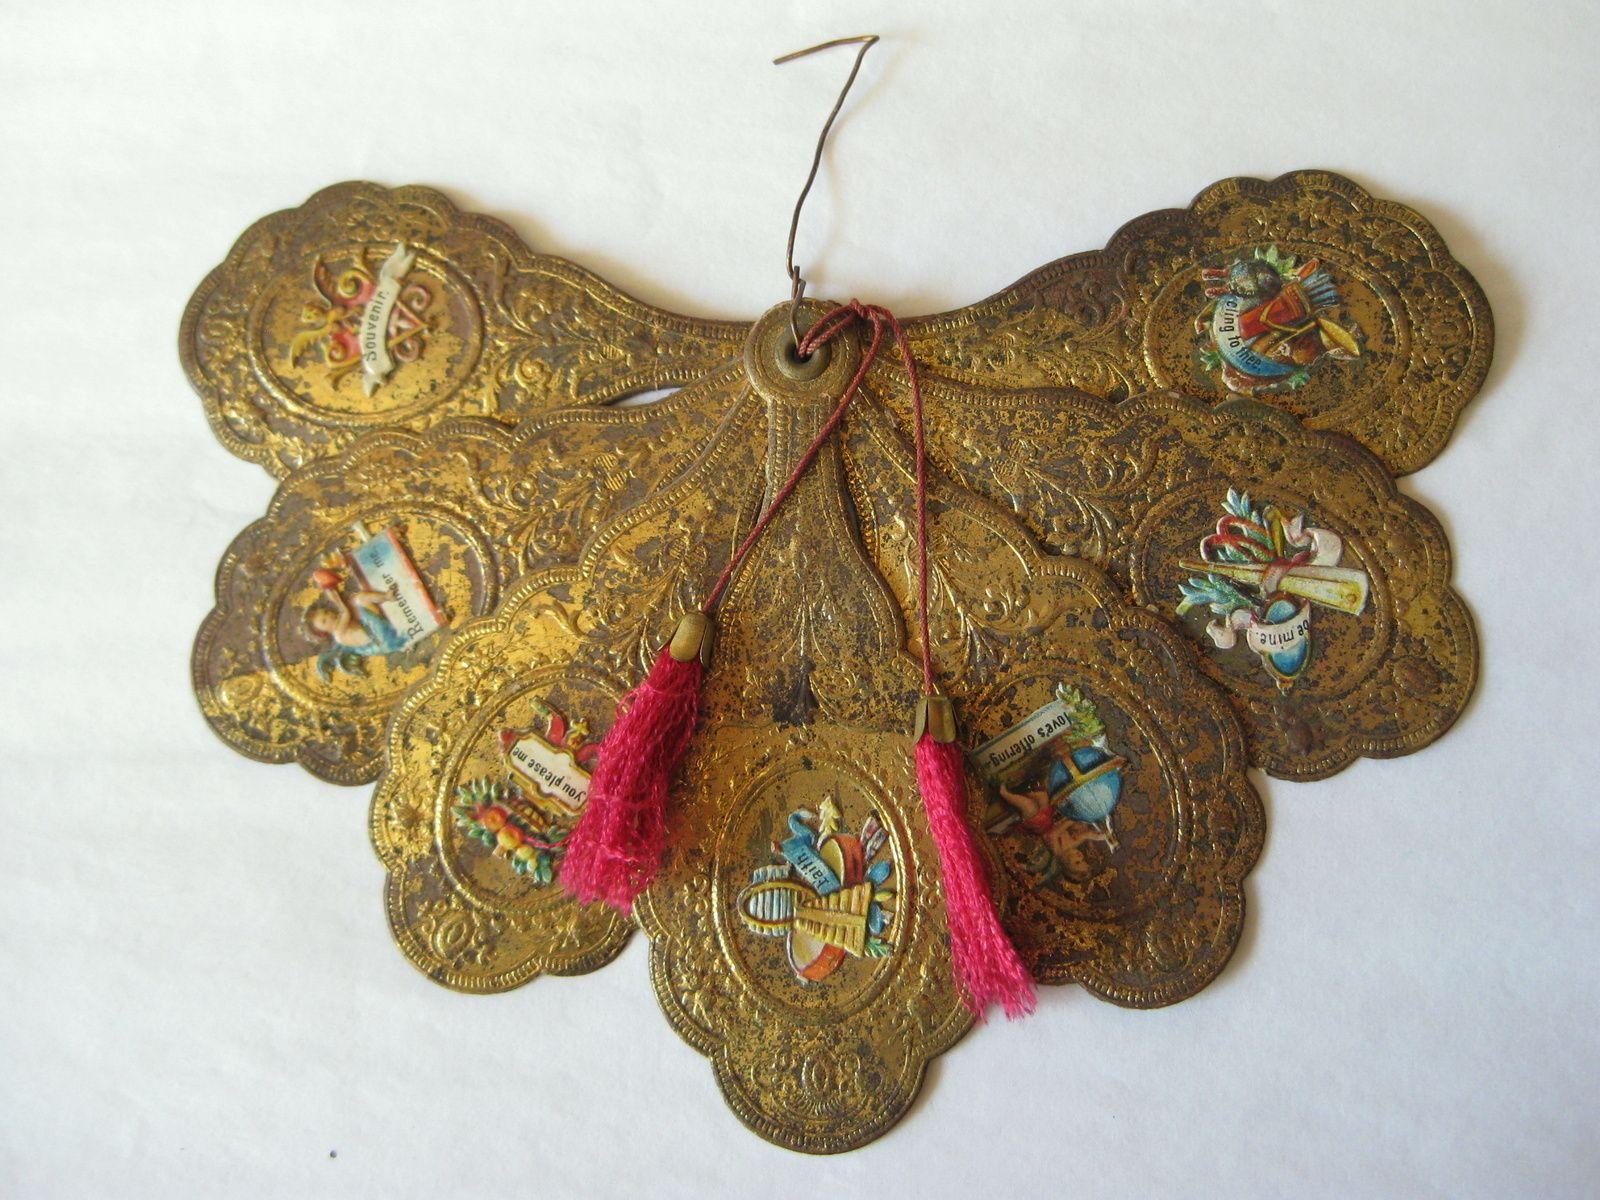 Shoe ornament clips - Shoe Ornament Clips 3